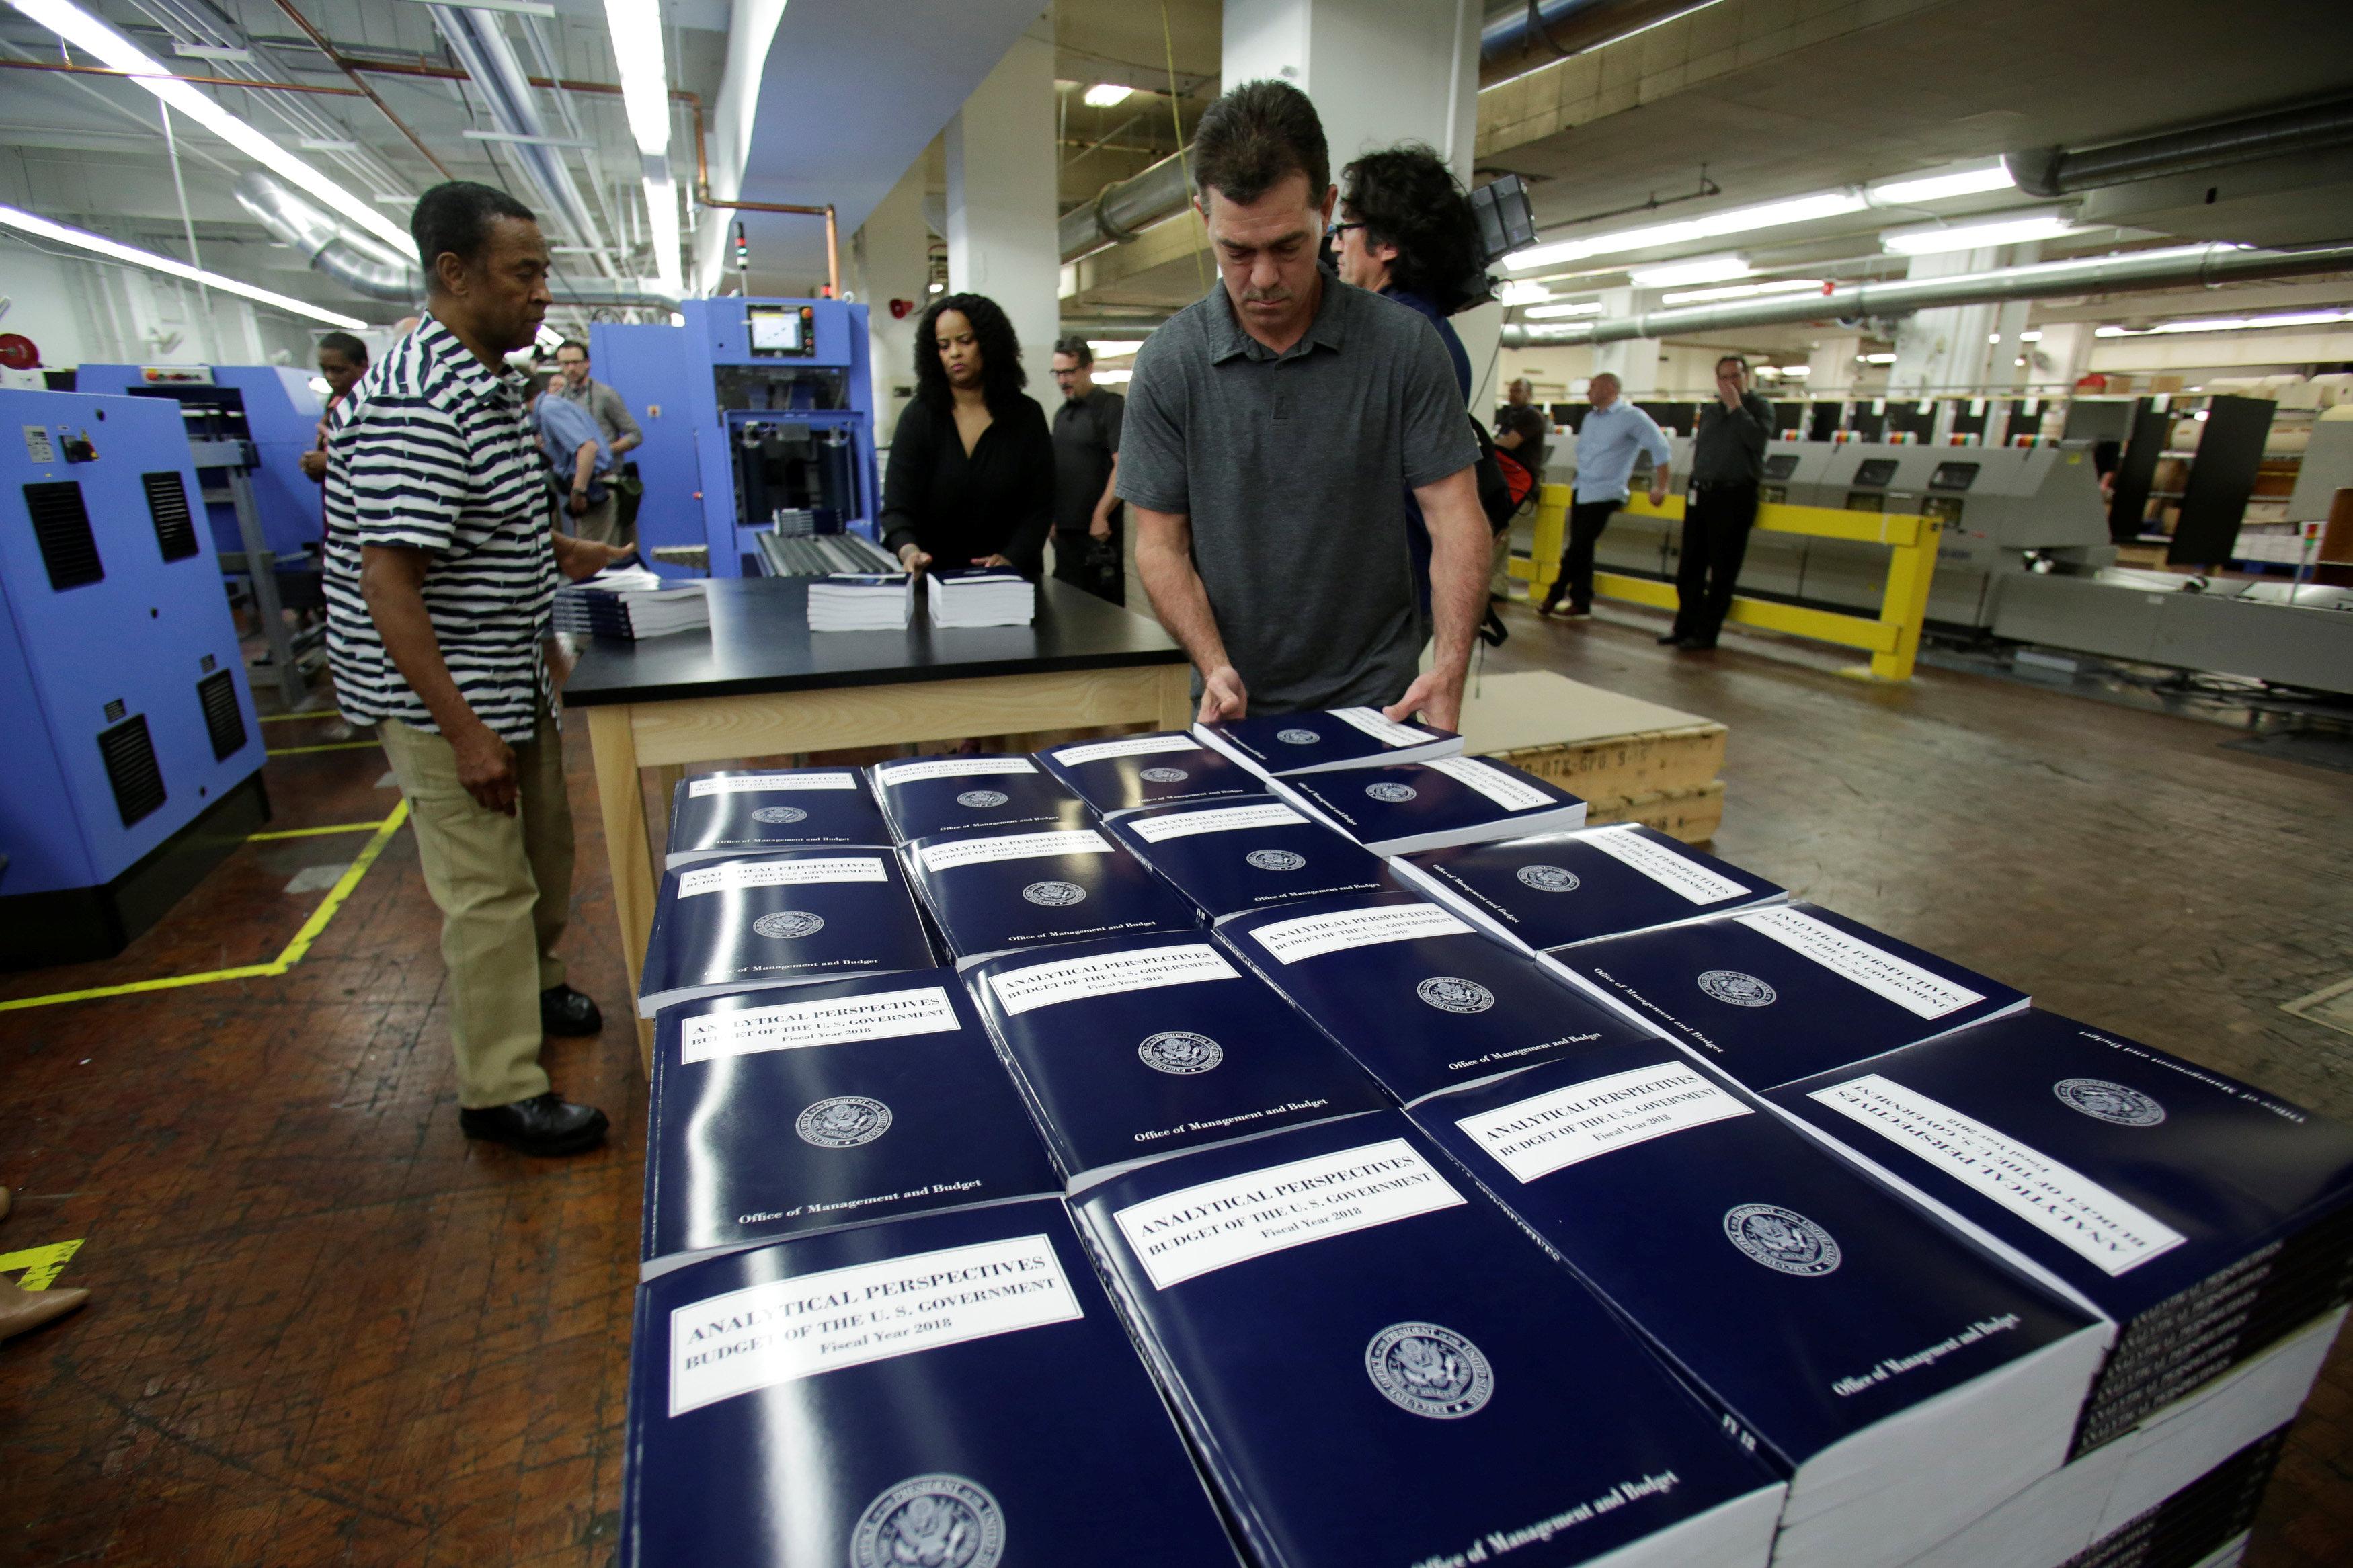 موظفو دار النشر الحكومية أثناء طباعة الكتاب